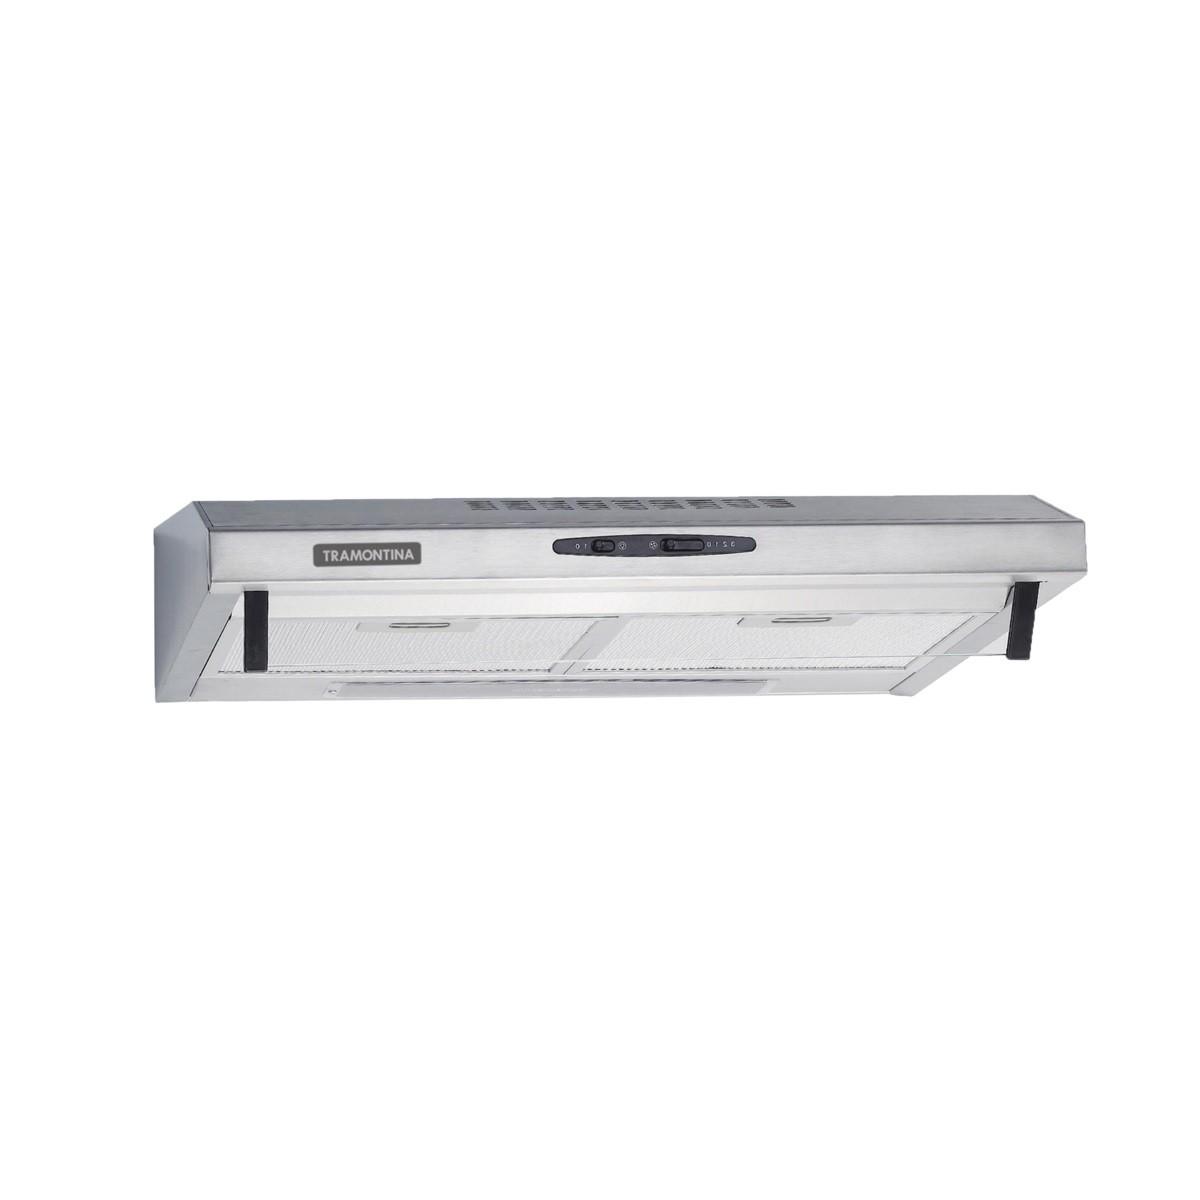 Depurador de Parede Tramontina Compact em Aço Inox e Vidro Temperado 60 cm 220 V  Tramontina 94810220